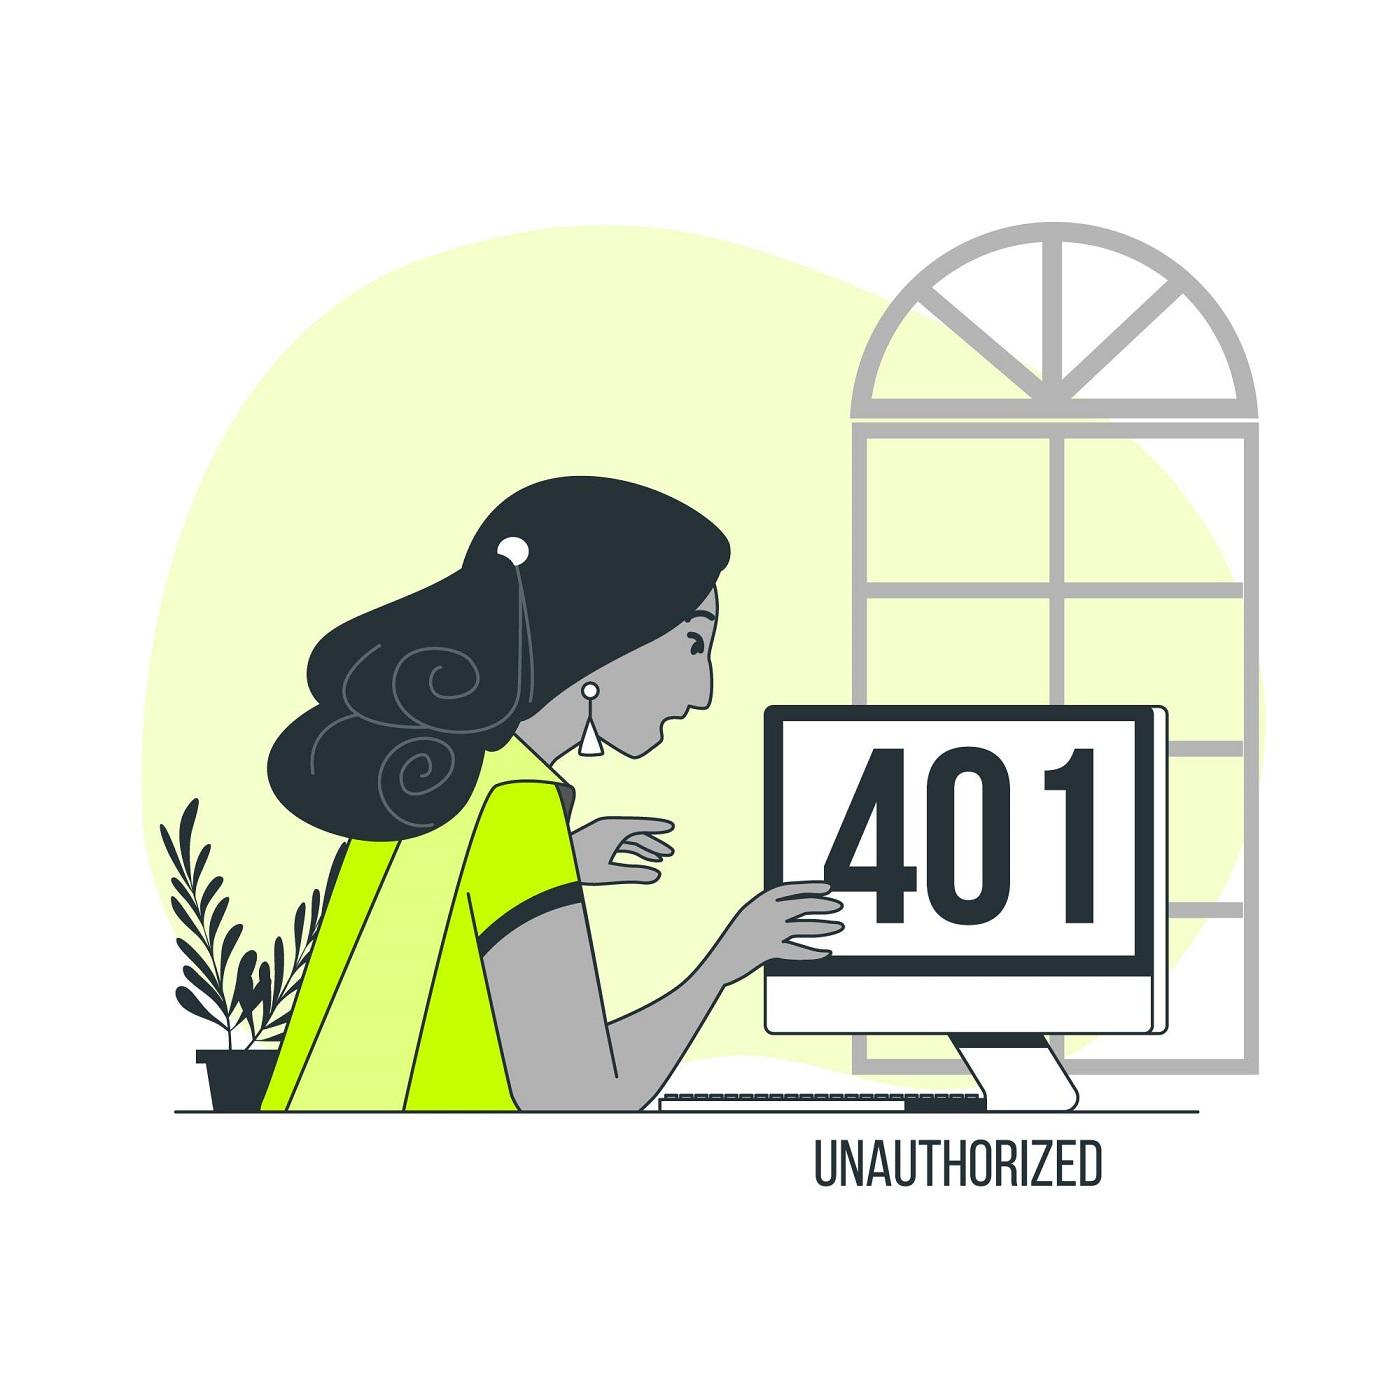 401-error